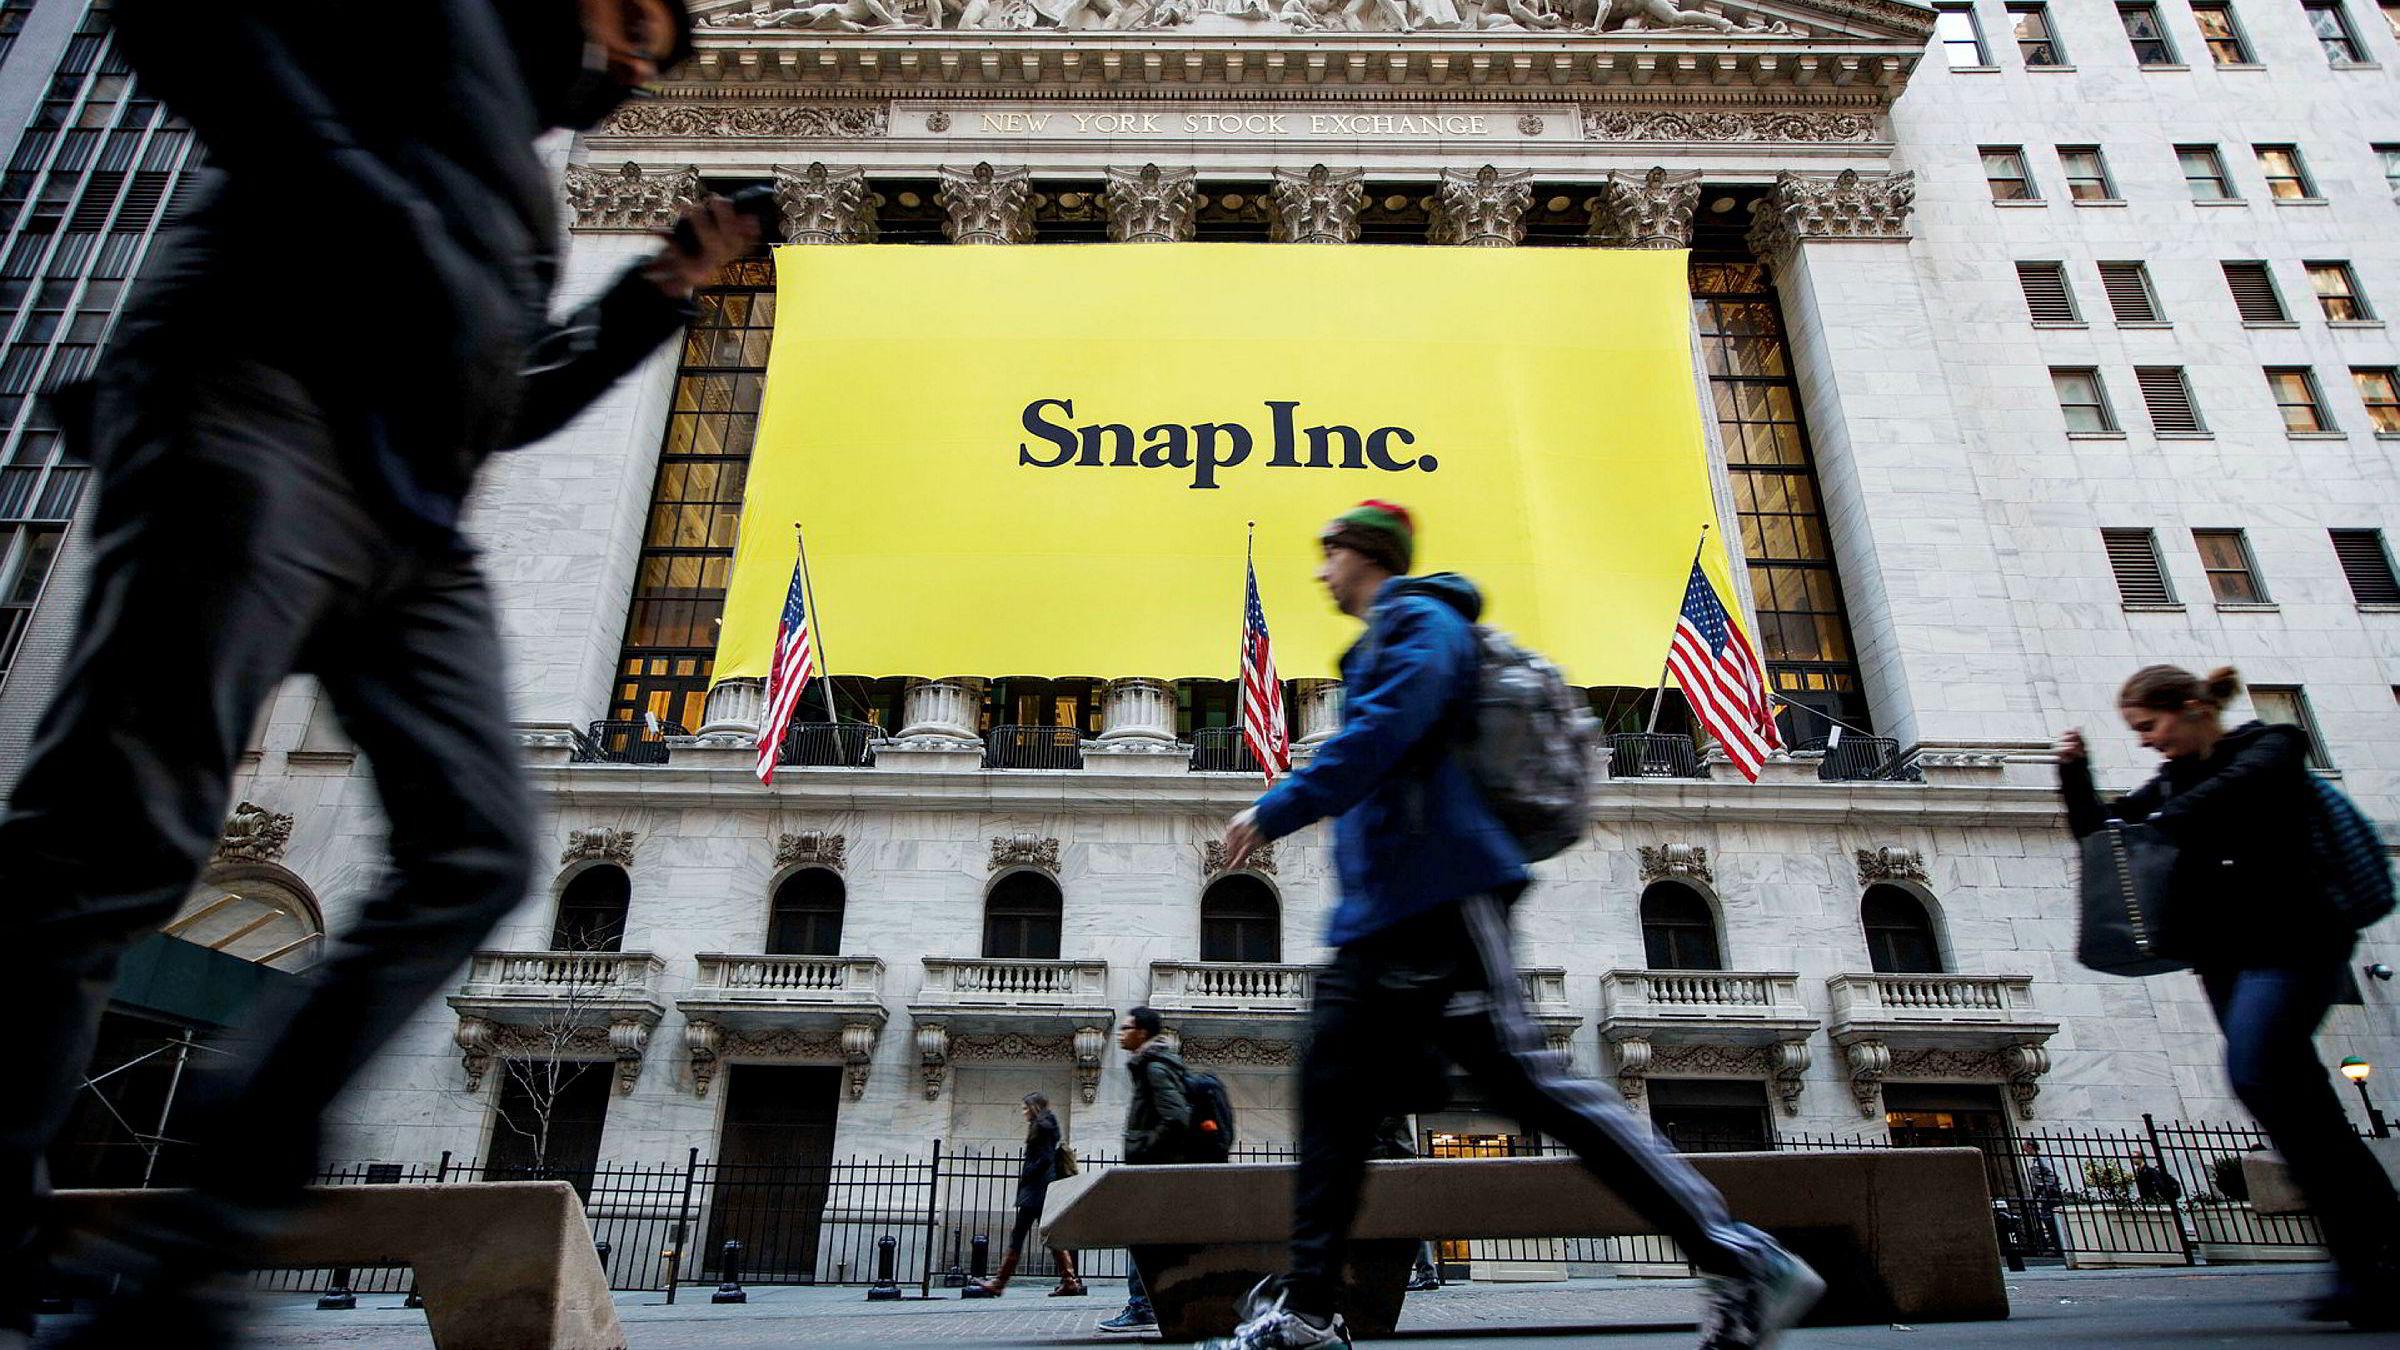 Børsnoteringen av Snapchat forrige uke har fått interesse fra investorer på begge sider av Atlanterhavet. Flere hundre nordmenn har kjøpt aksjer i selskapet.